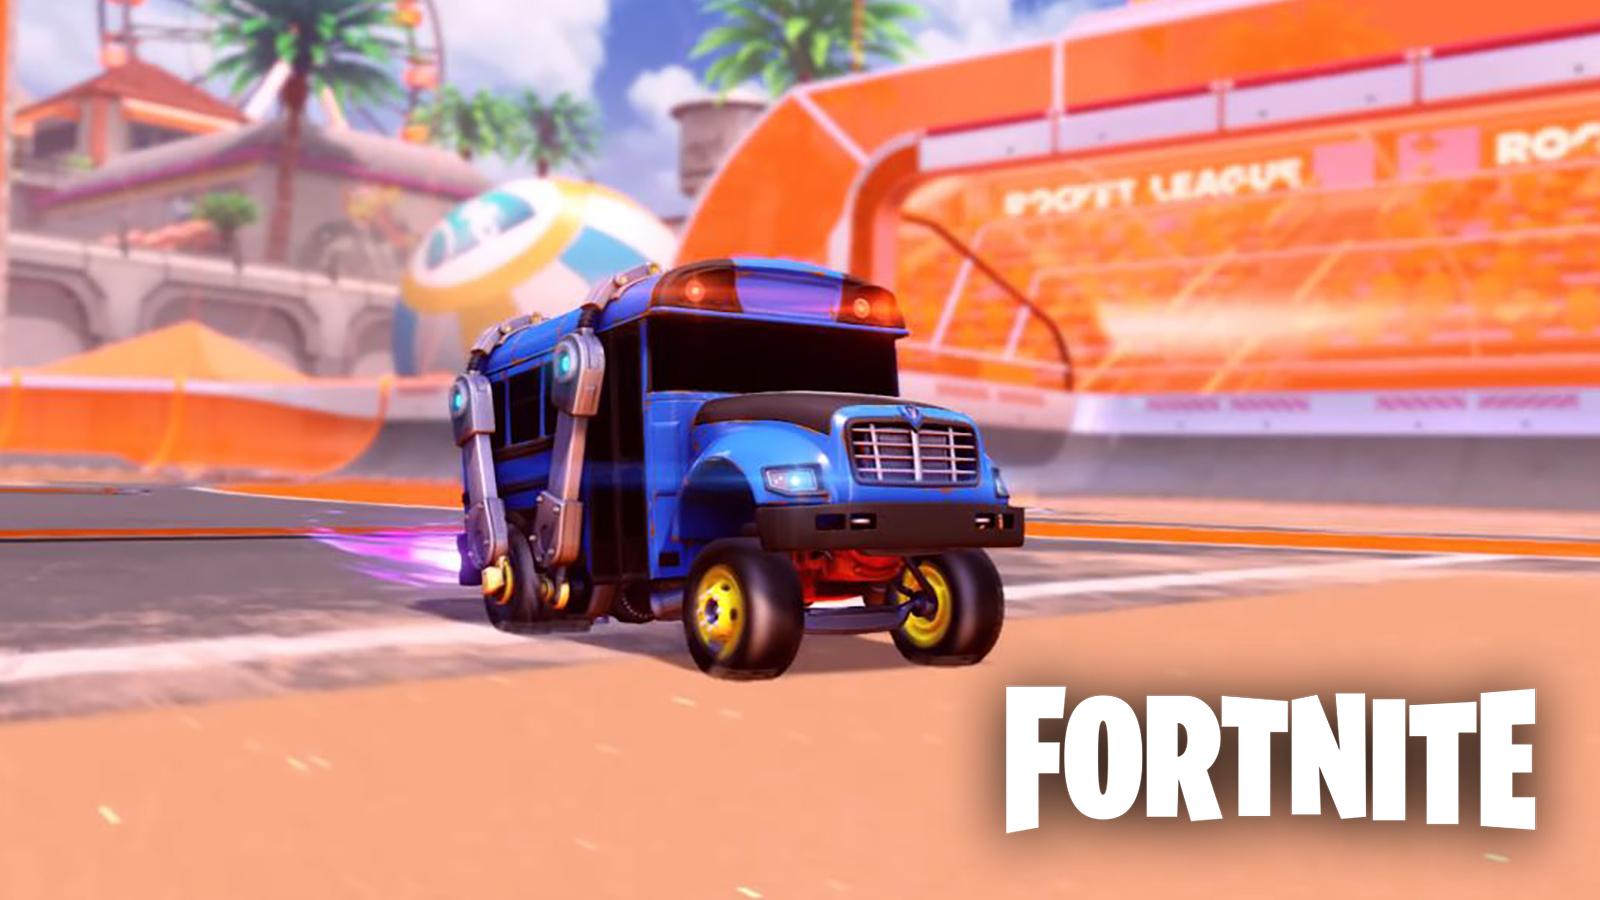 Fortnite battle bus in Rocket League